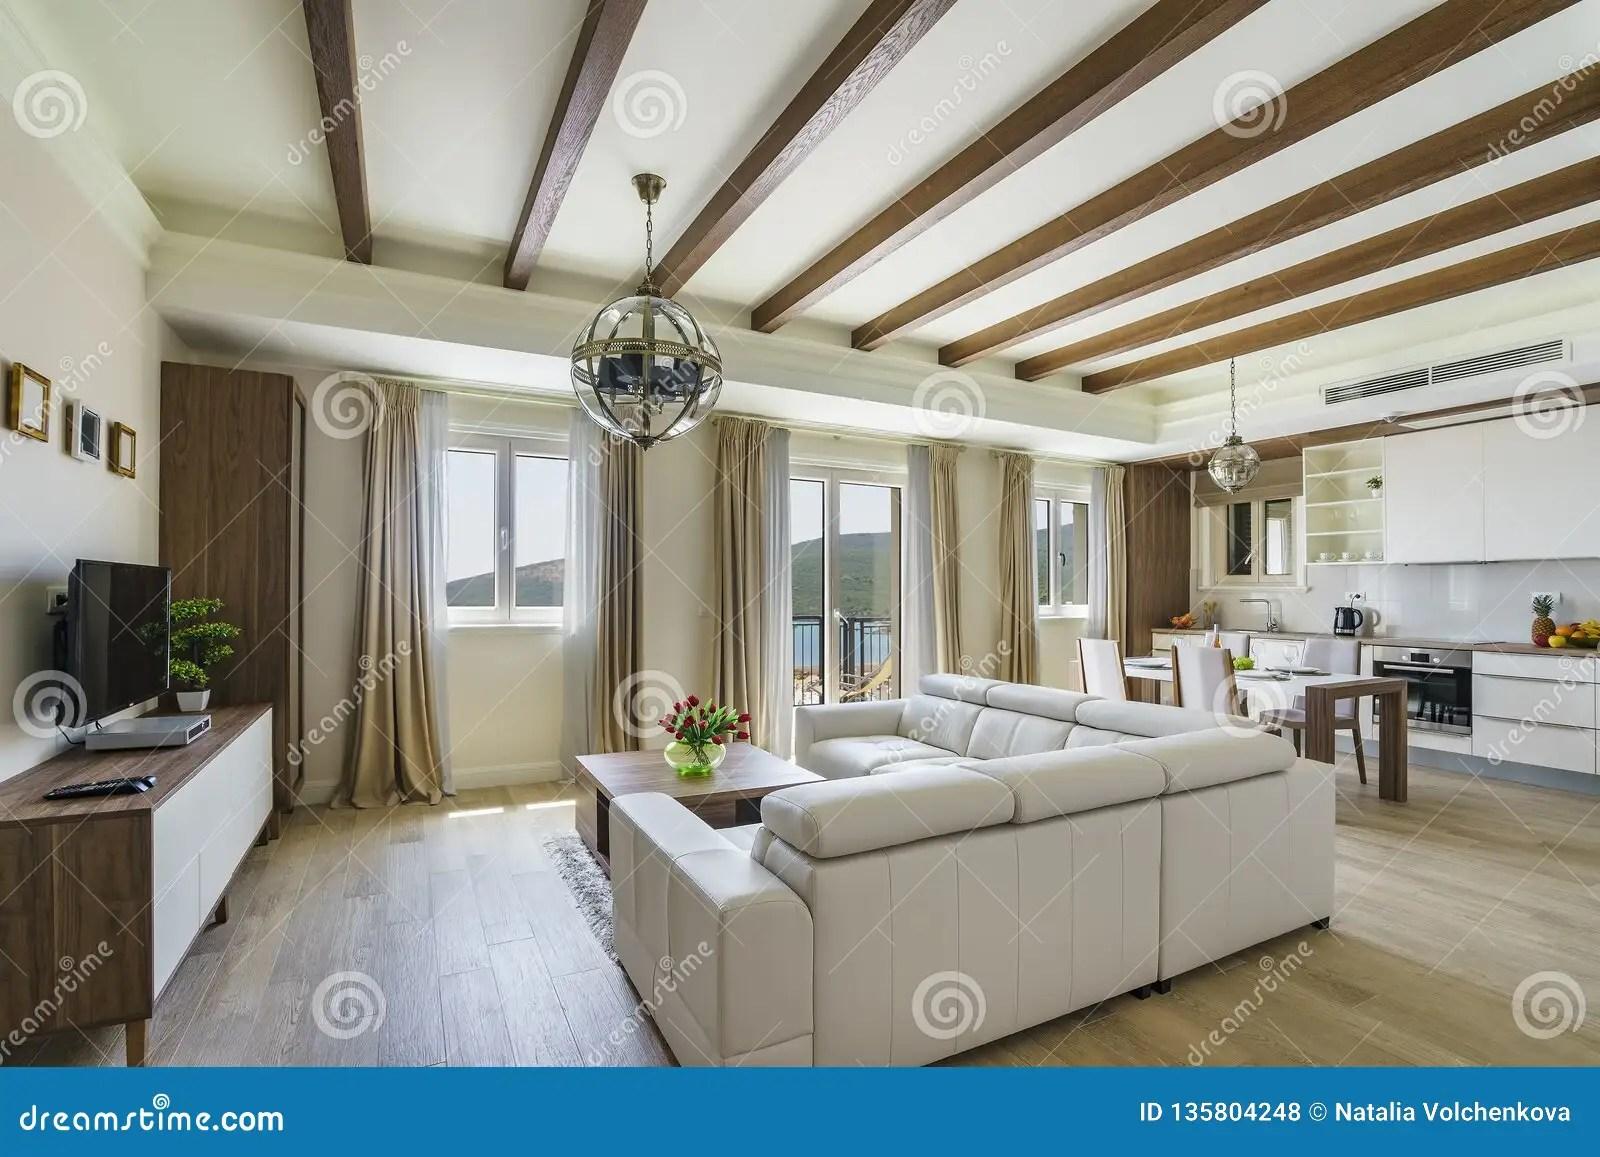 Interieur De Salon Spacieux Leger Dans Une Villa De Luxe Photo Stock Image Du Spacieux Luxe 135804248